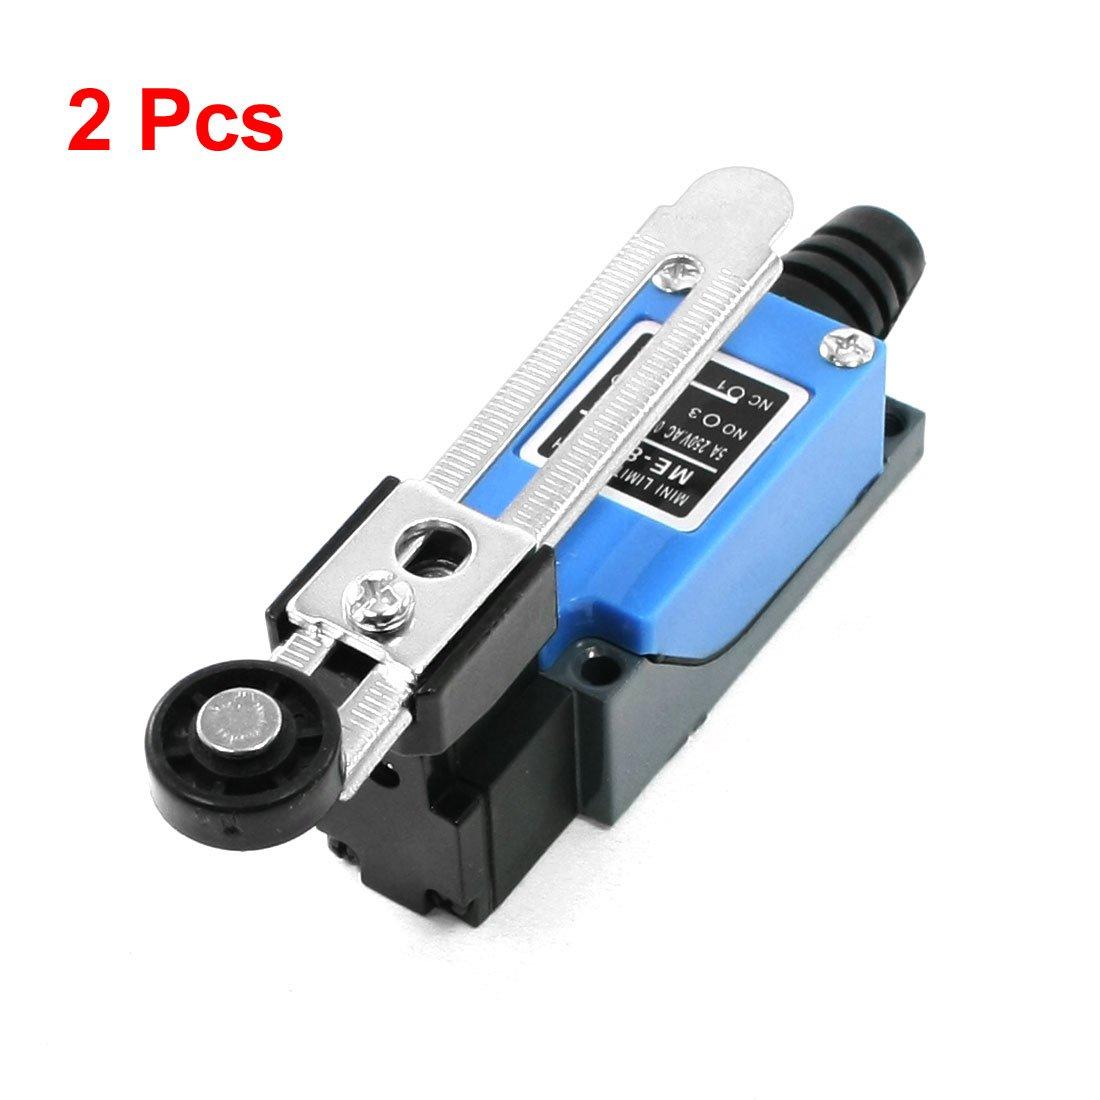 Sourcingmap - Final de carrera de brazo de palanca de rodillo giratorio 2 pcs me-8108 para el plasma cnc mill US-SA-AJD-30912